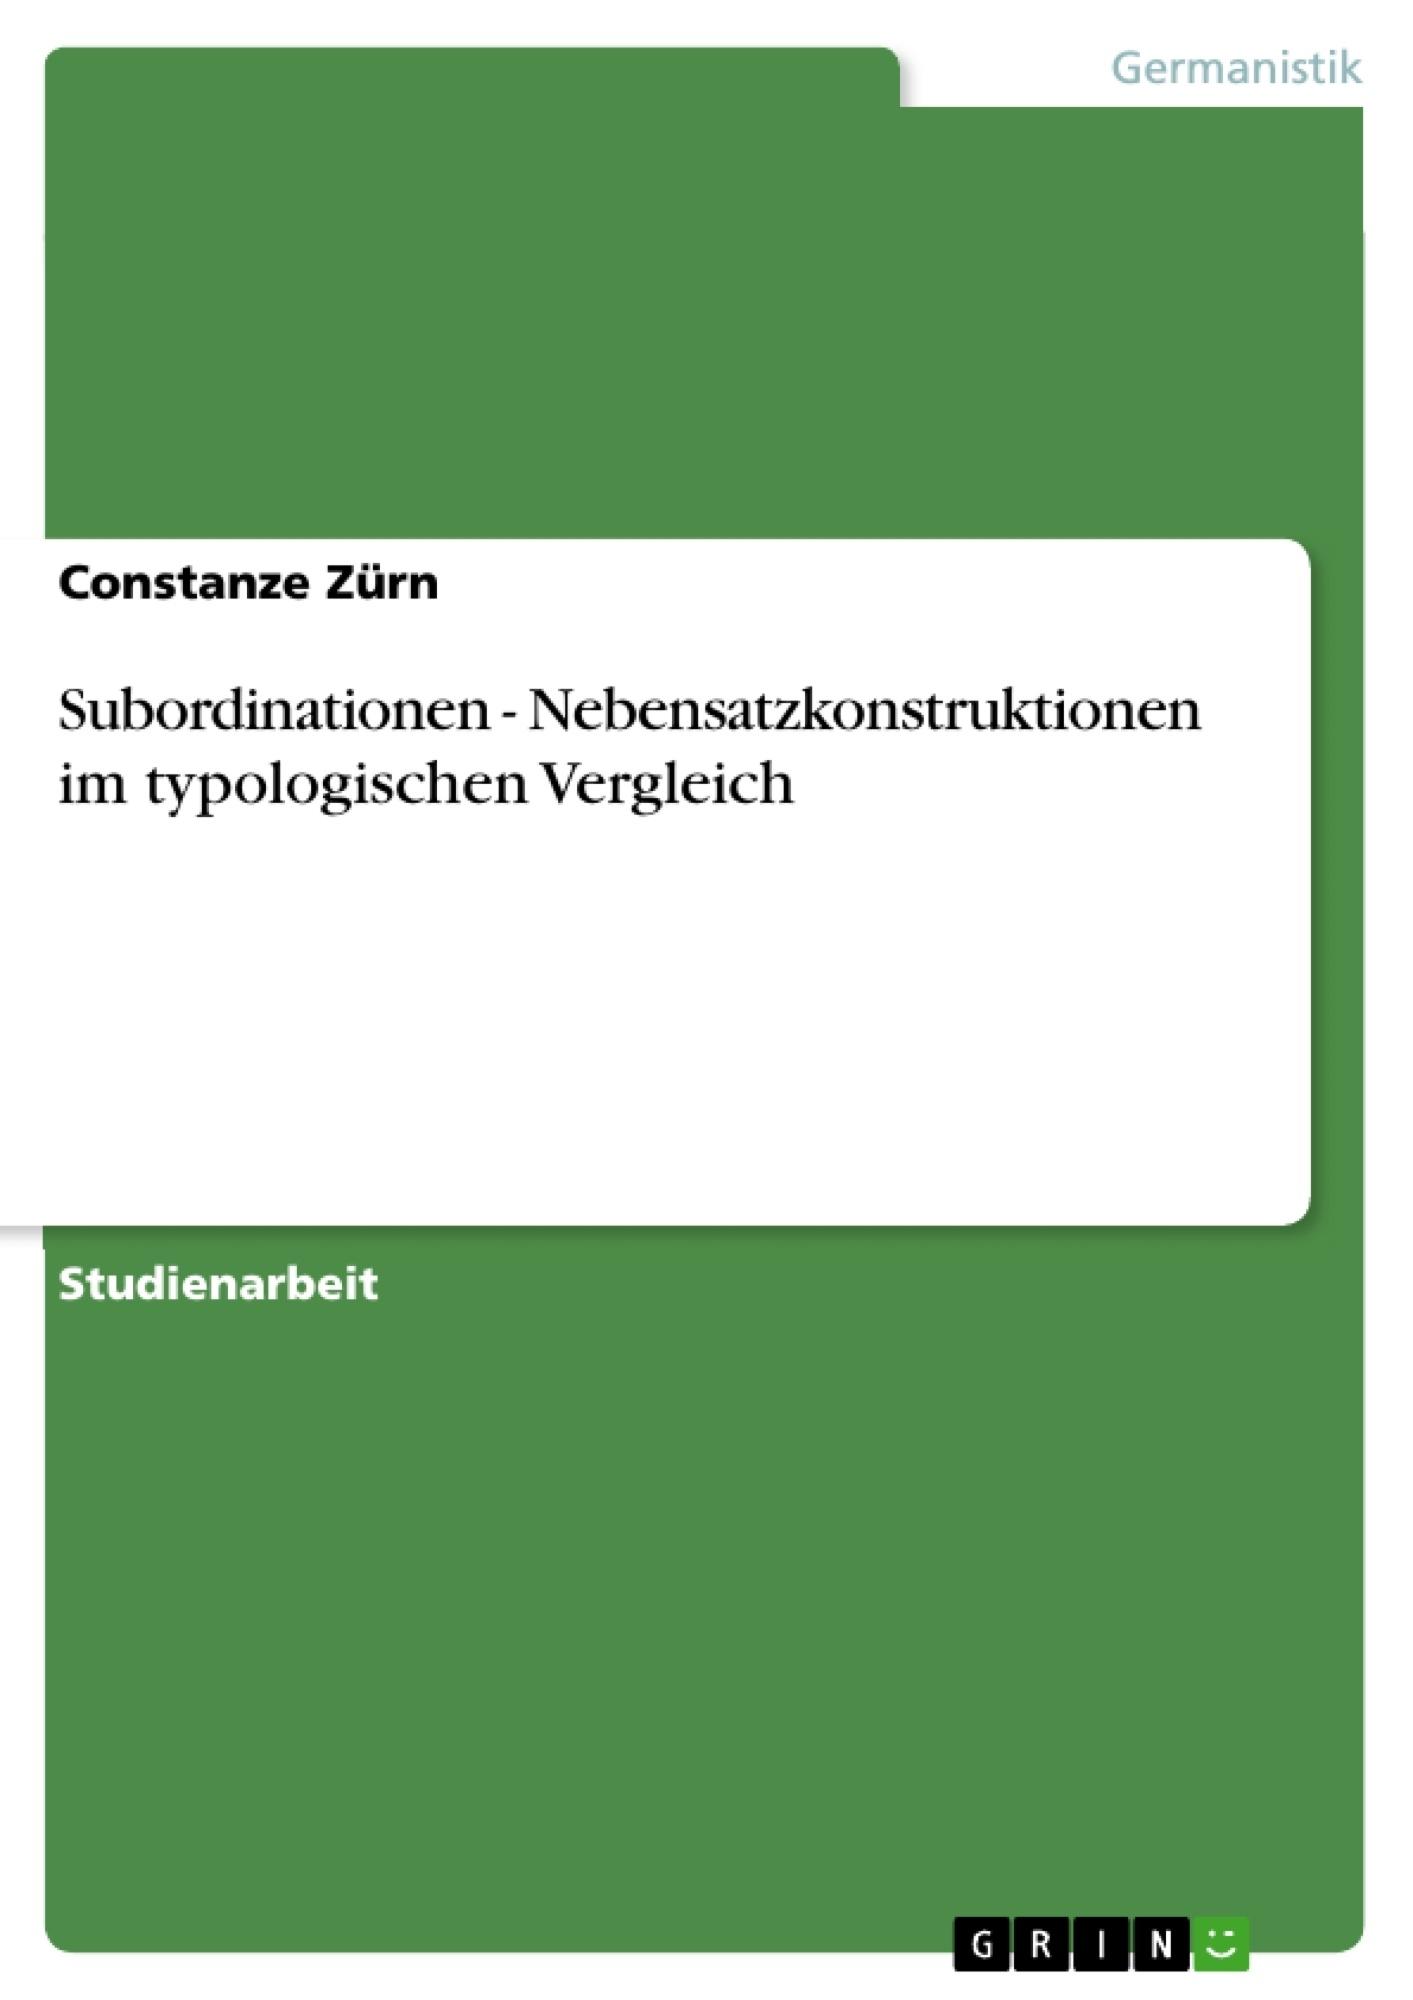 Titel: Subordinationen - Nebensatzkonstruktionen im typologischen Vergleich